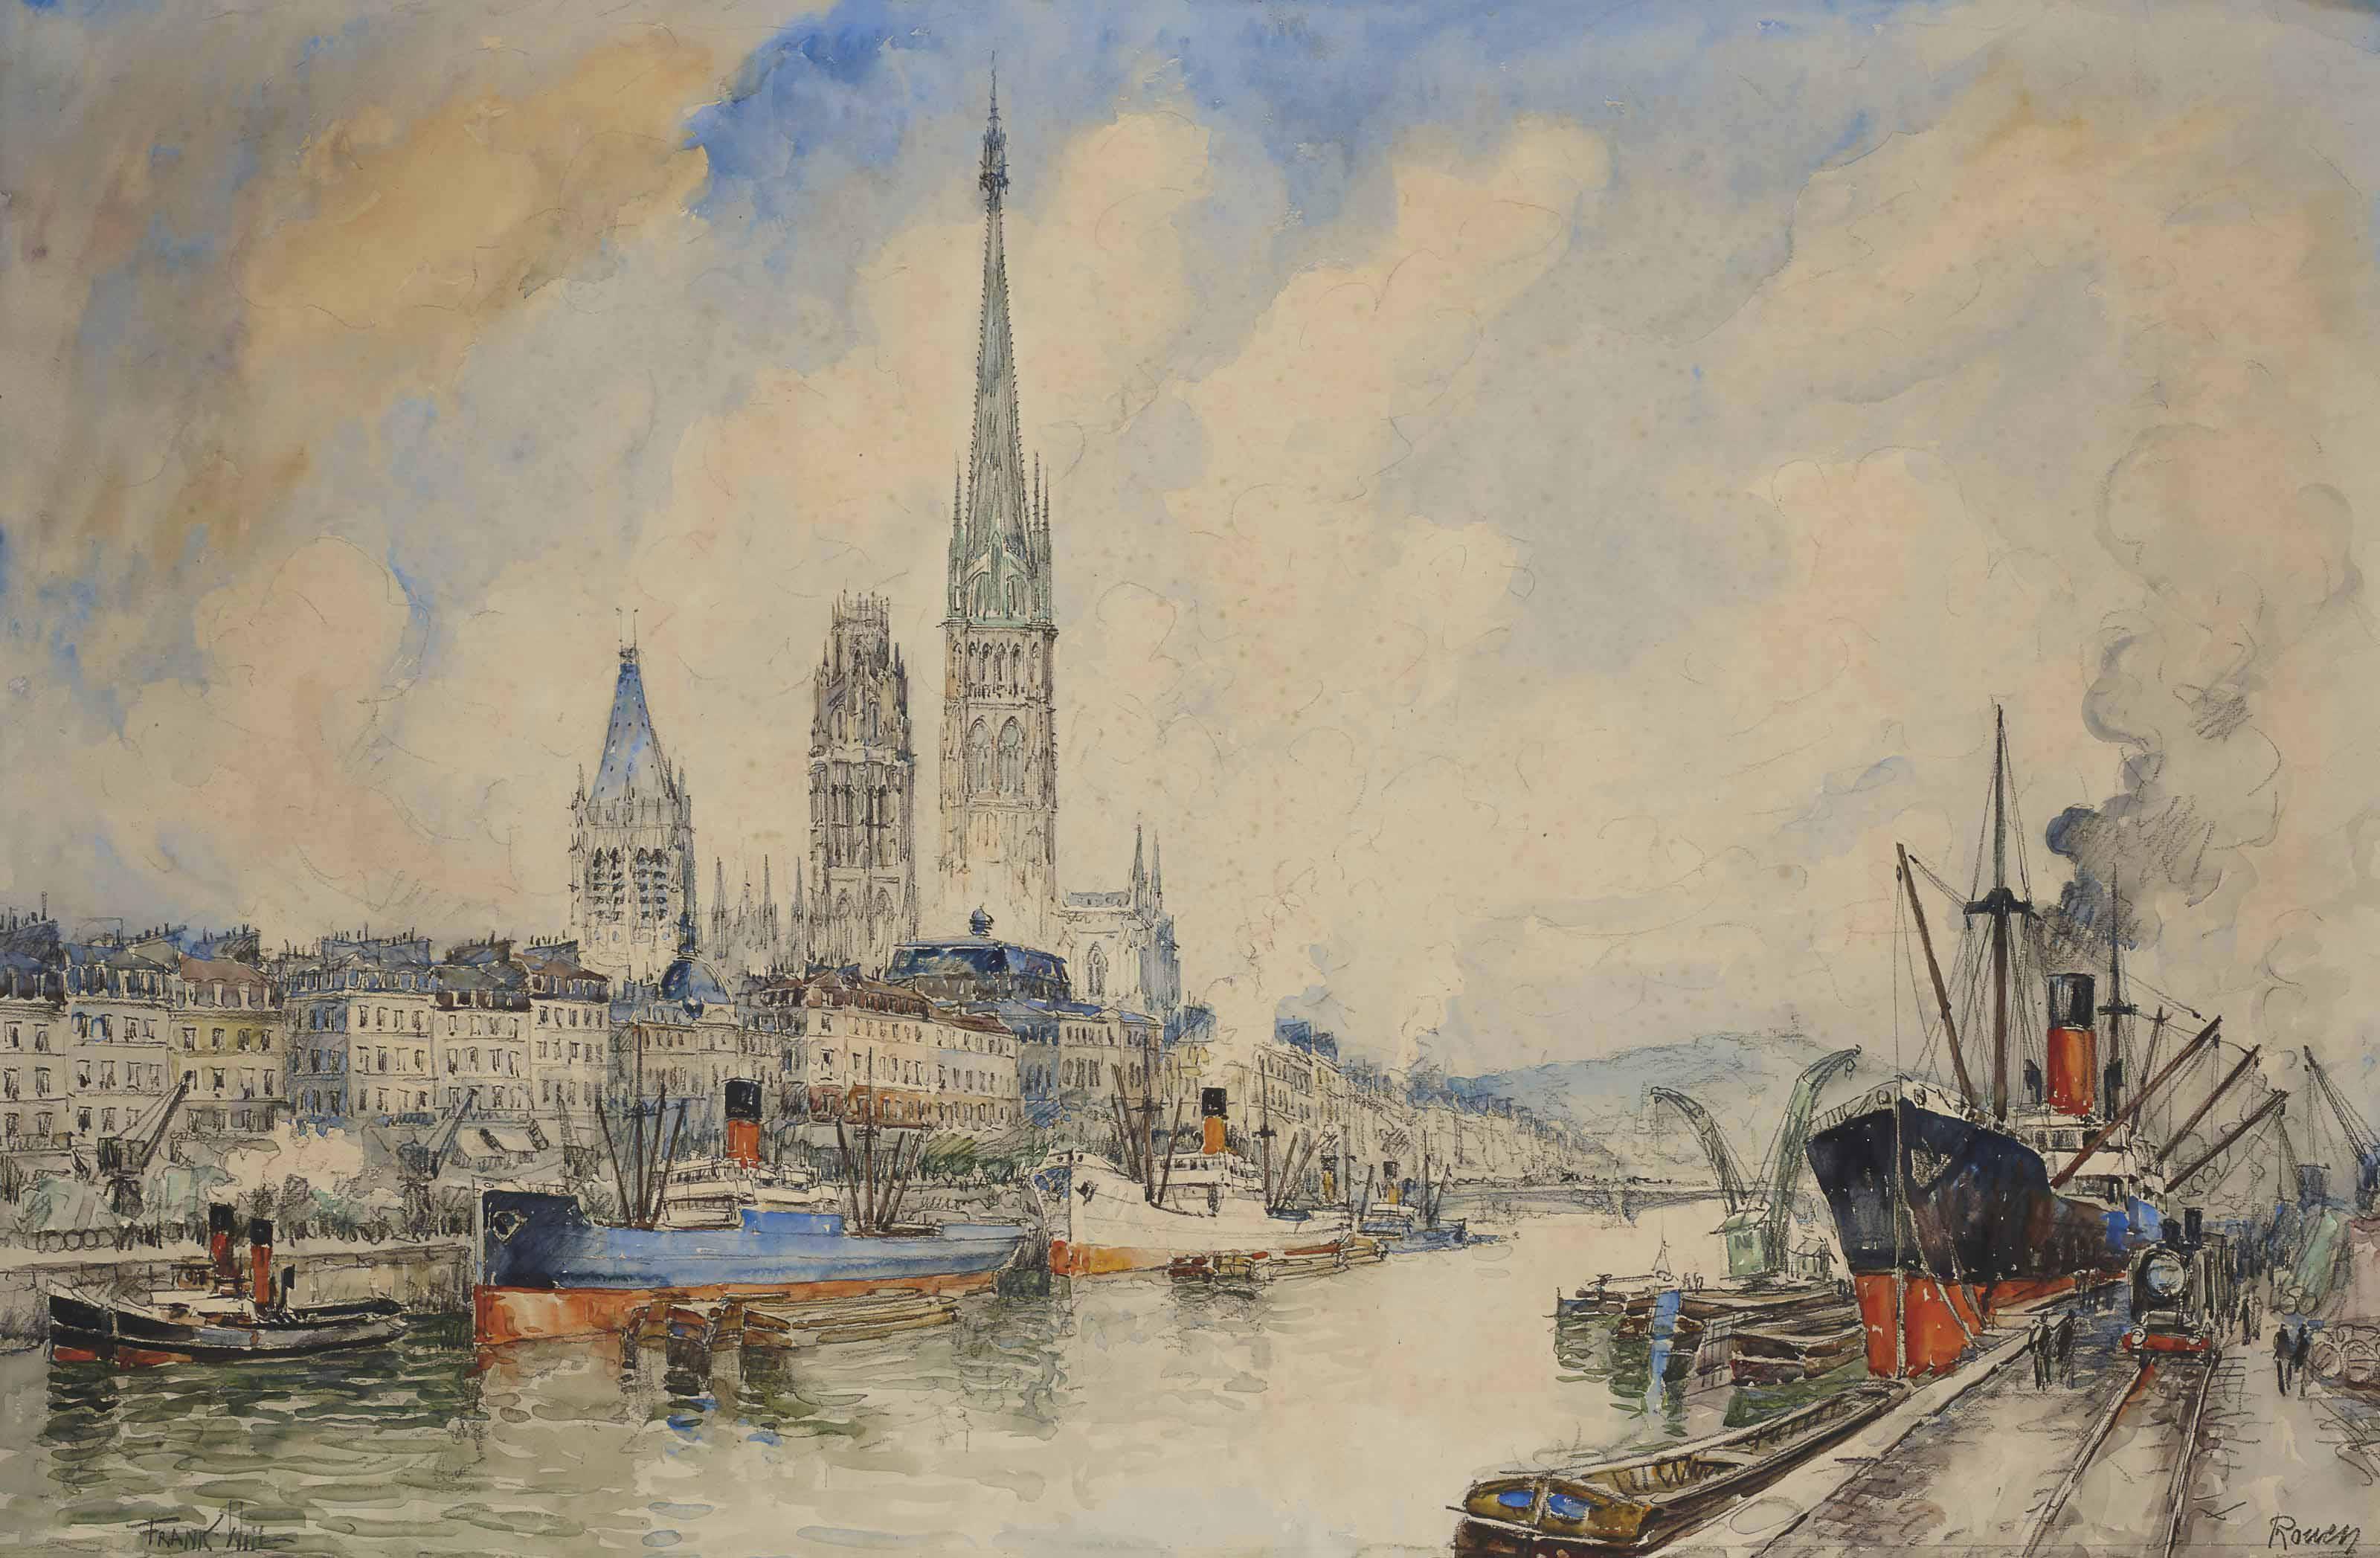 Vue des quais à Rouen, la cathédrale Notre-Dame à l'arrière-plan